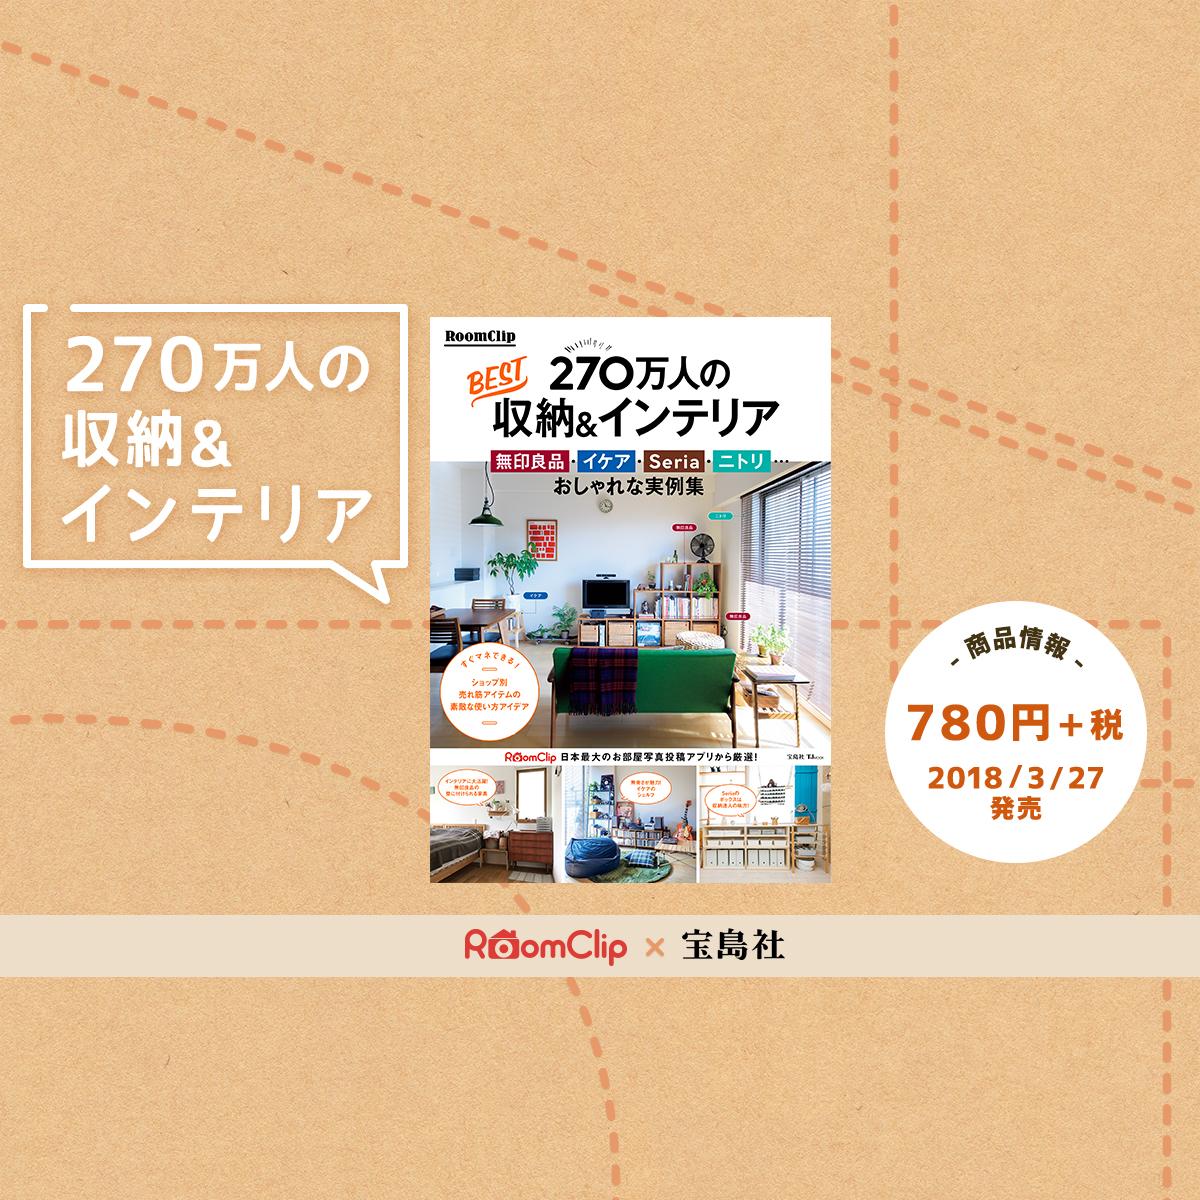 270万人のBEST収納&インテリア 2018年3月27日発売 780円+税 株式会社宝島